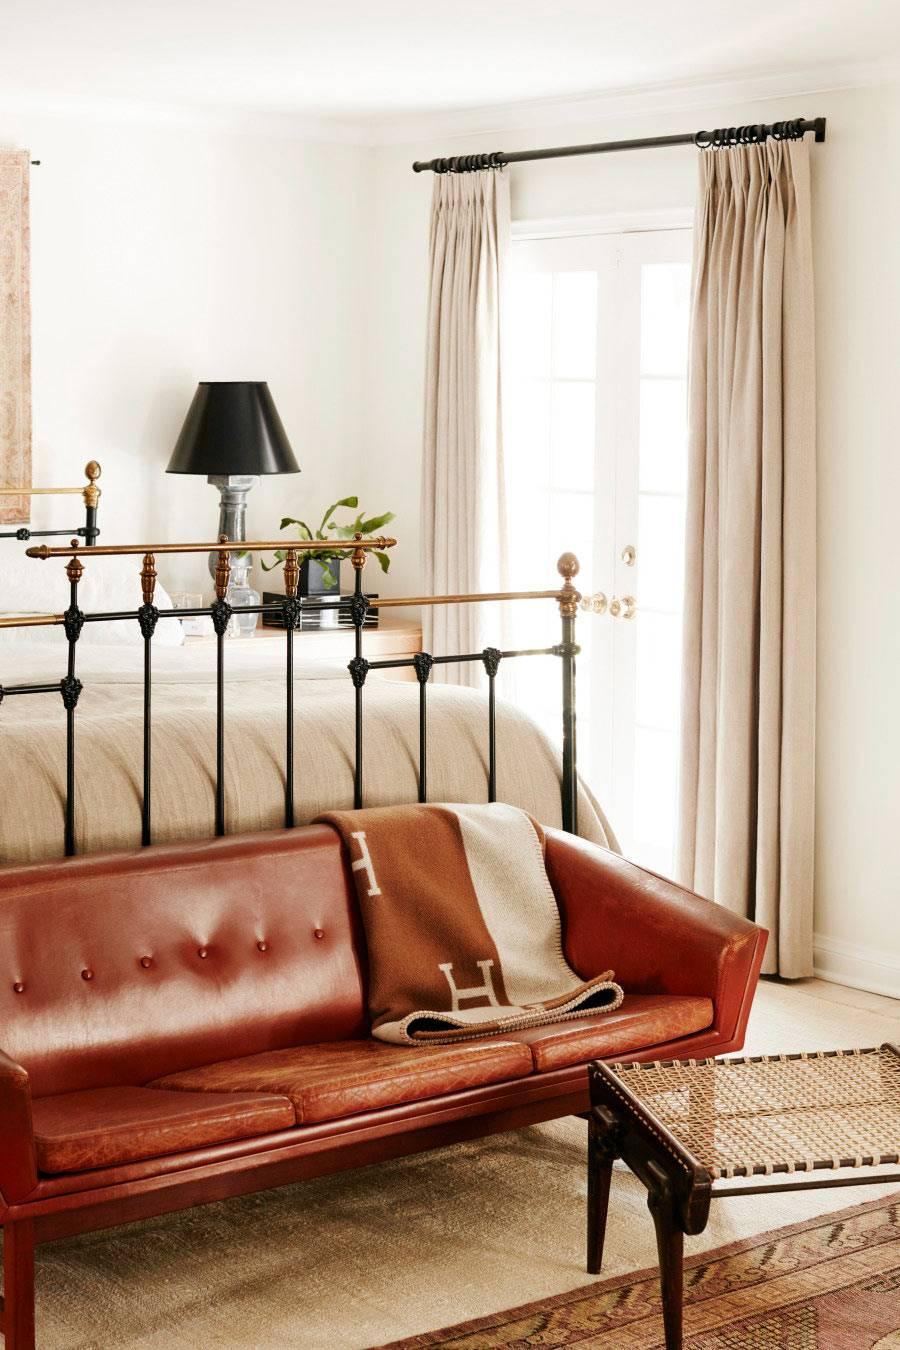 Бежевые шторы и покрывало на кровати бежевого цвета